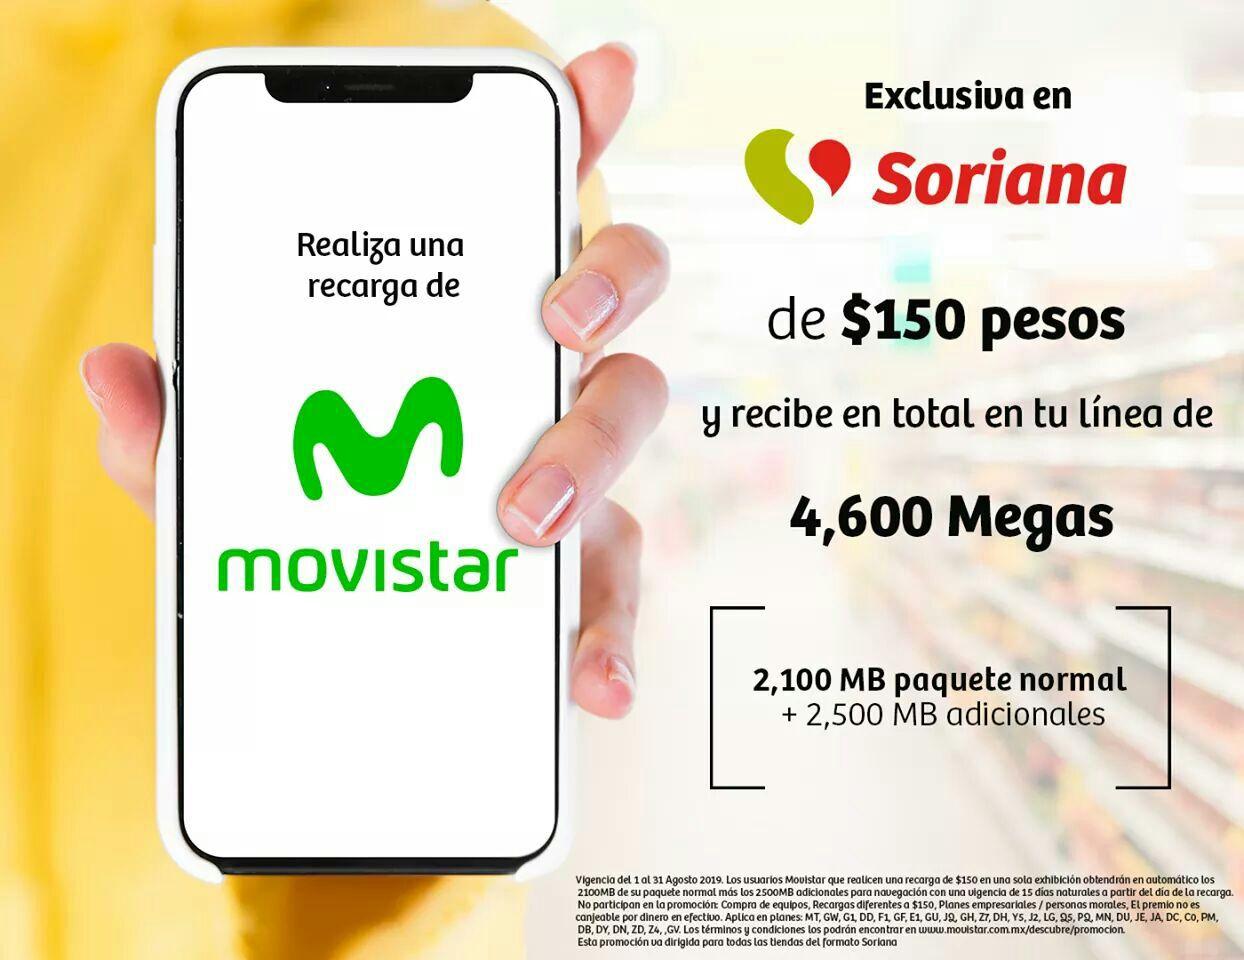 Soriana: Recarga tu Movistar con $150 y te dan 4,600 MB